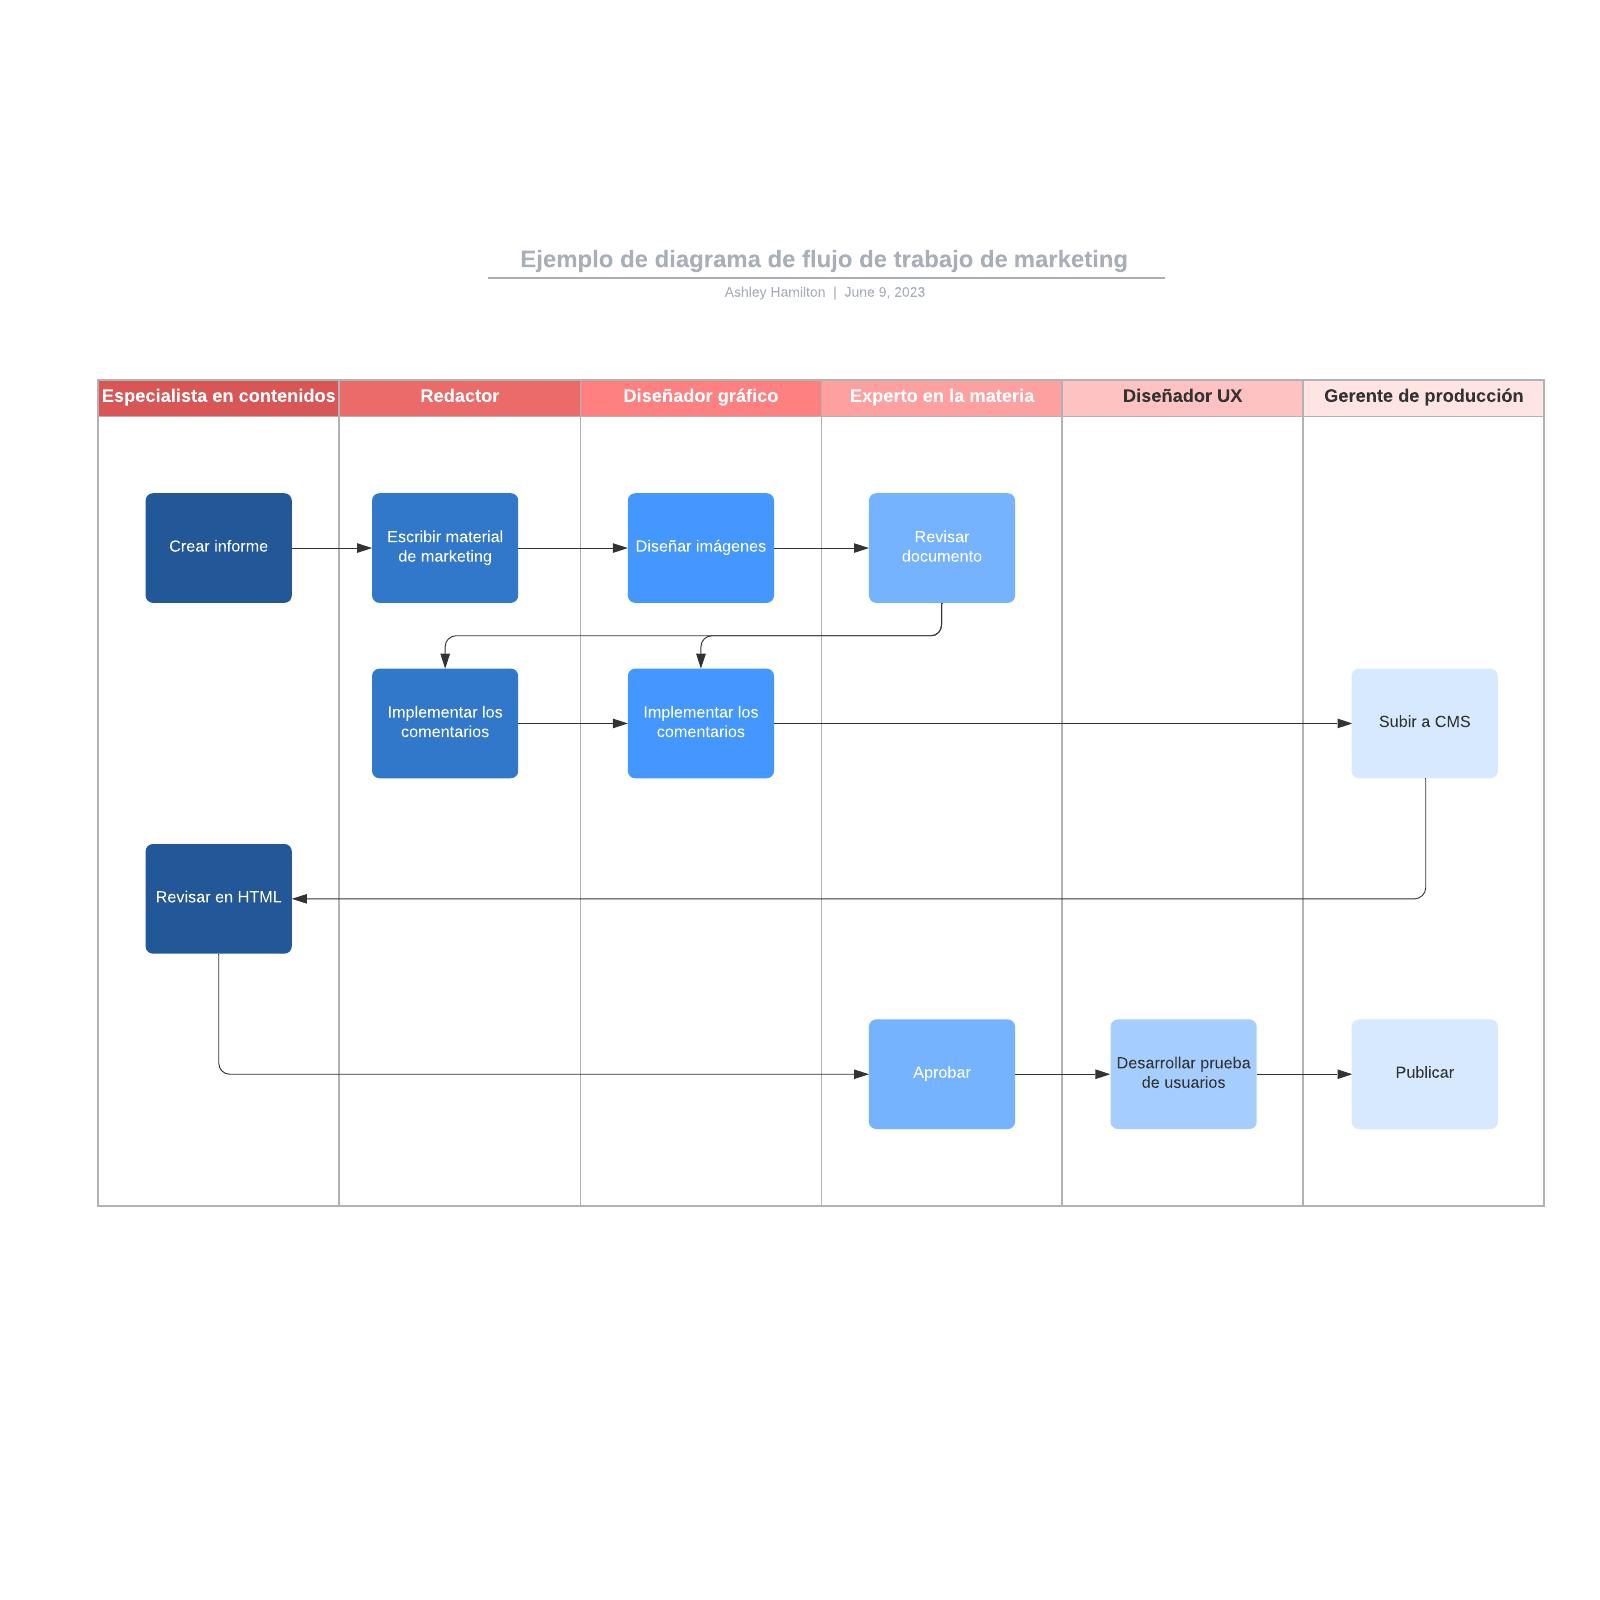 Ejemplo de diagrama de flujo de trabajo de marketing